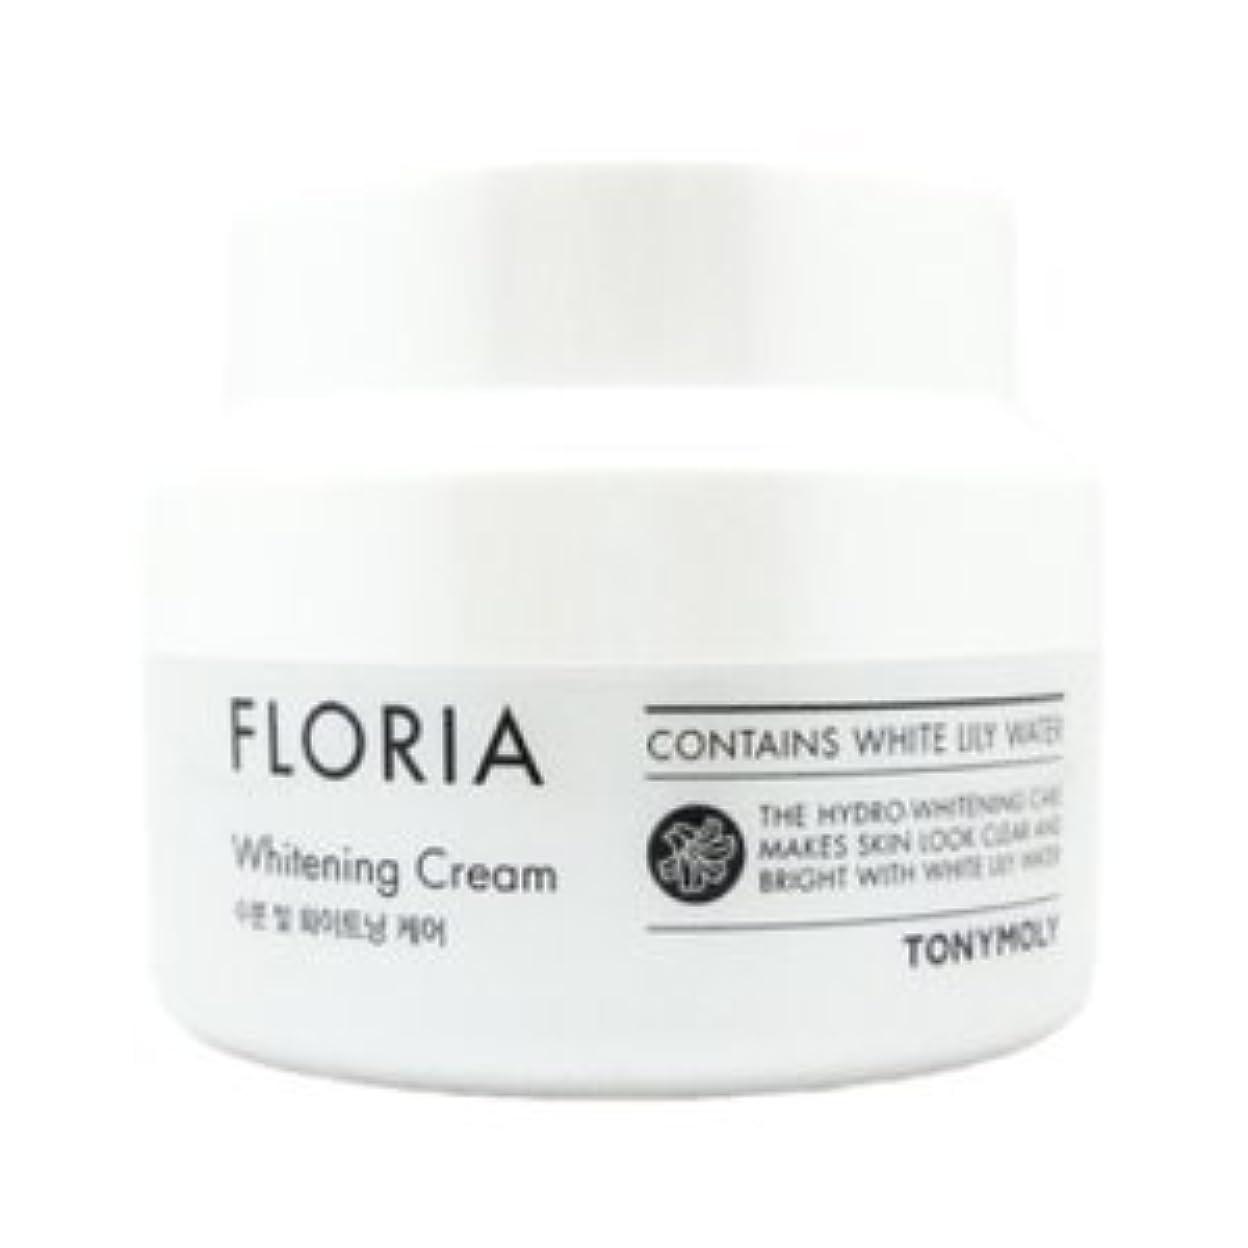 ドロップ促進する害TONYMOLY Floria Whitening Cream 60ml/トニーモリー フロリア ホワイトニング クリーム 60ml [並行輸入品]